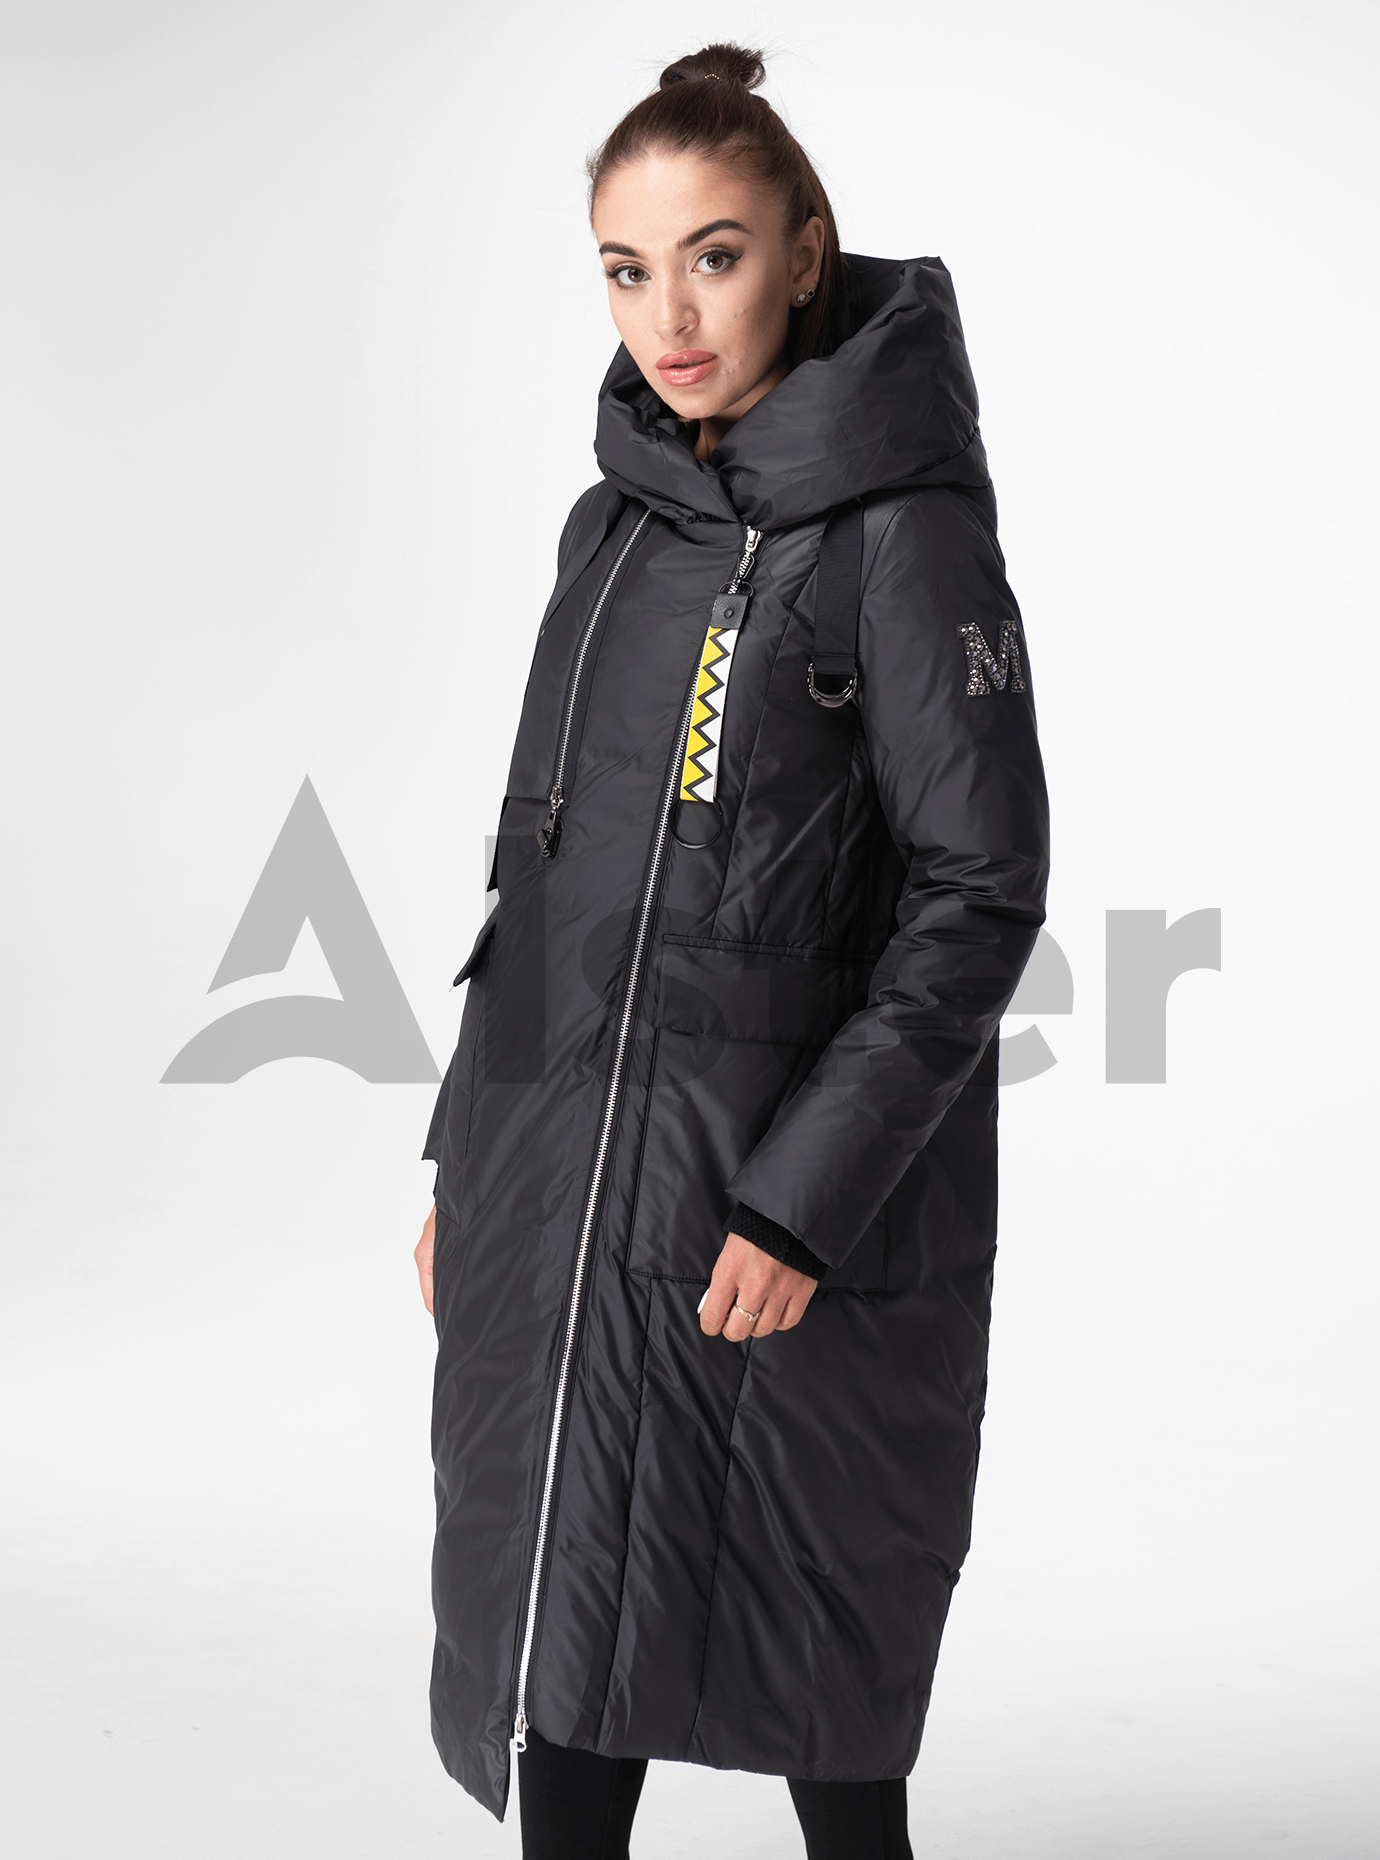 Куртка зимняя длинная с капюшоном Графитовый S (05-V191286): фото - Alster.ua